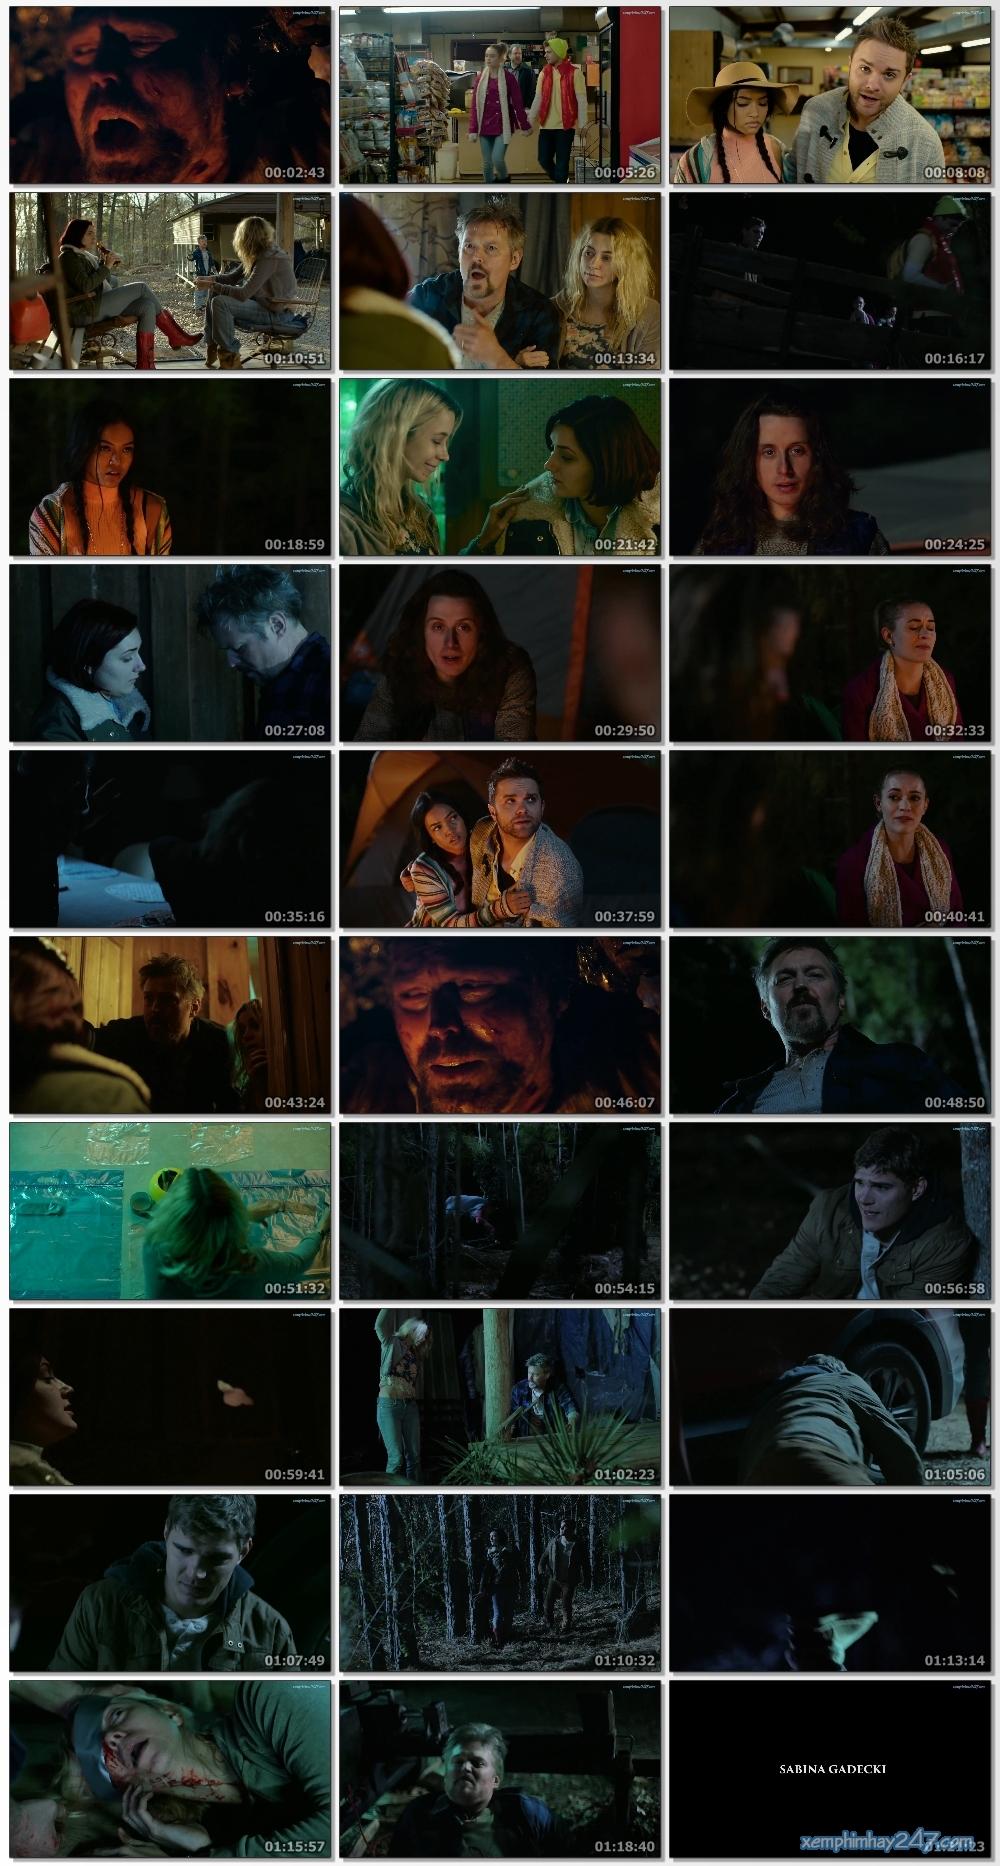 http://xemphimhay247.com - Xem phim hay 247 - Thợ Săn Quái Thú (2016) - Welcome To Willits (2016)